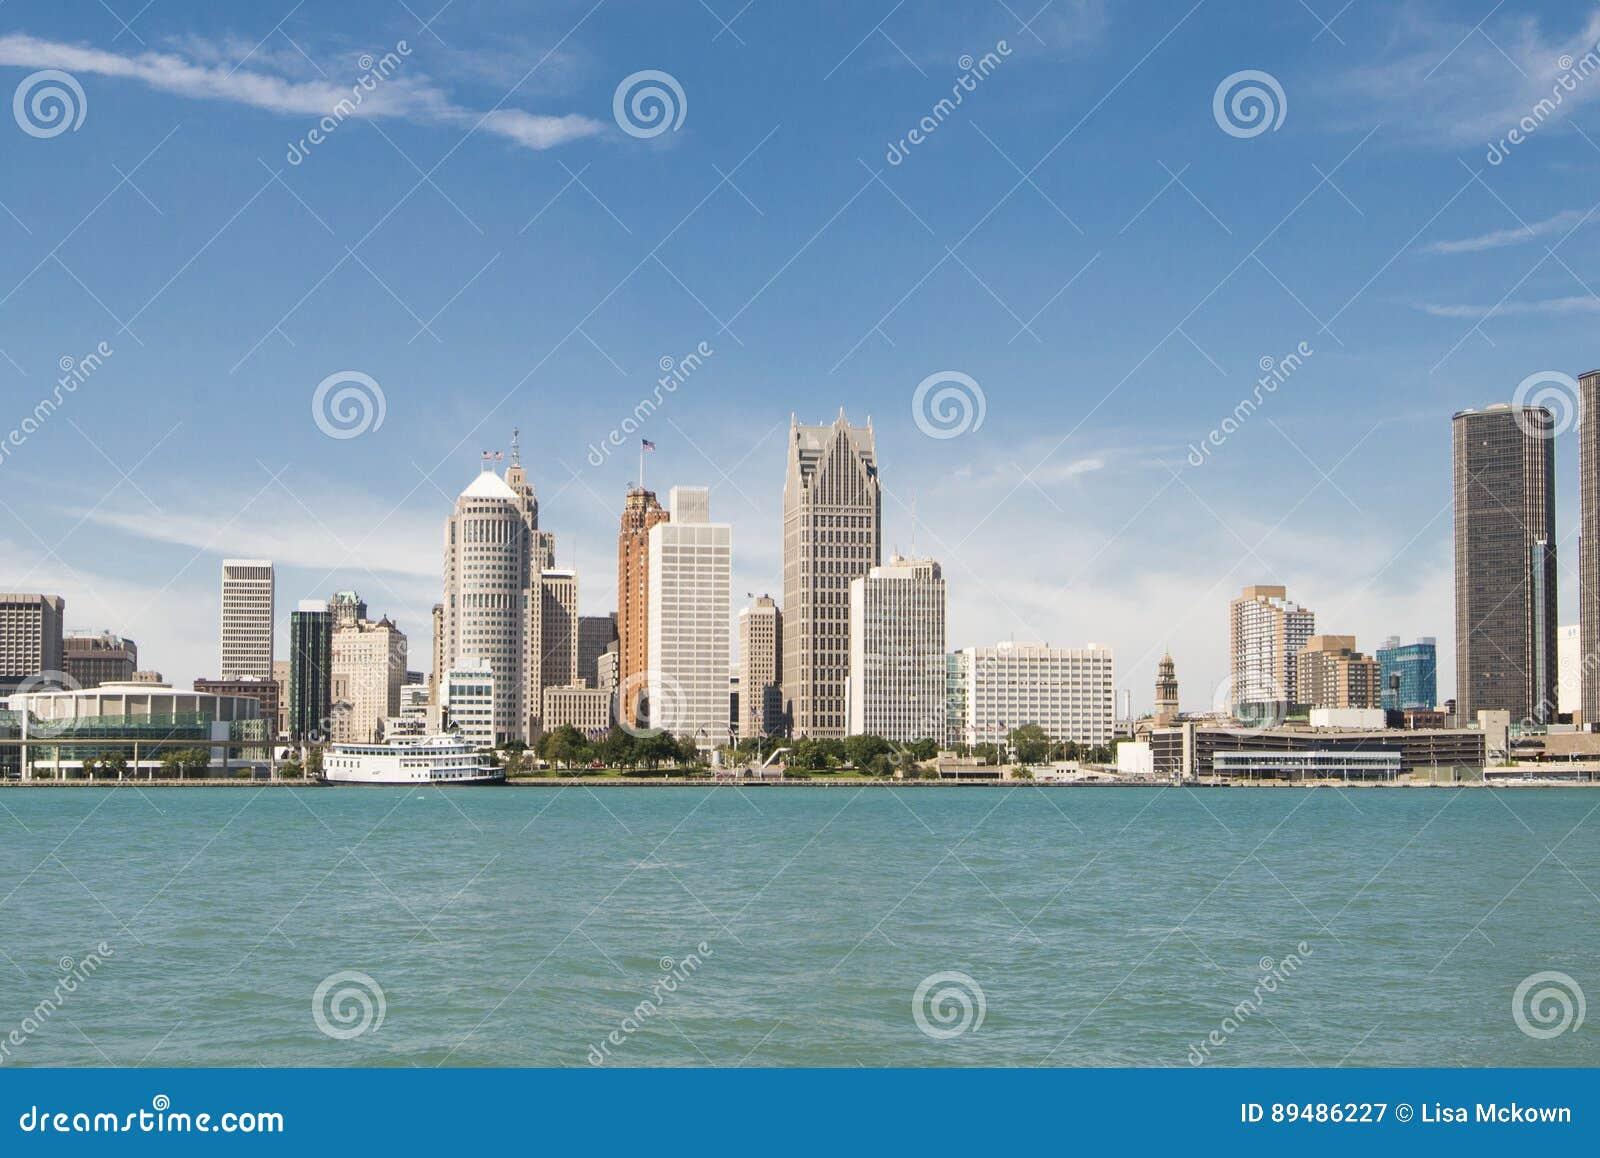 Opinião da arquitetura da cidade de Detroit Michigan